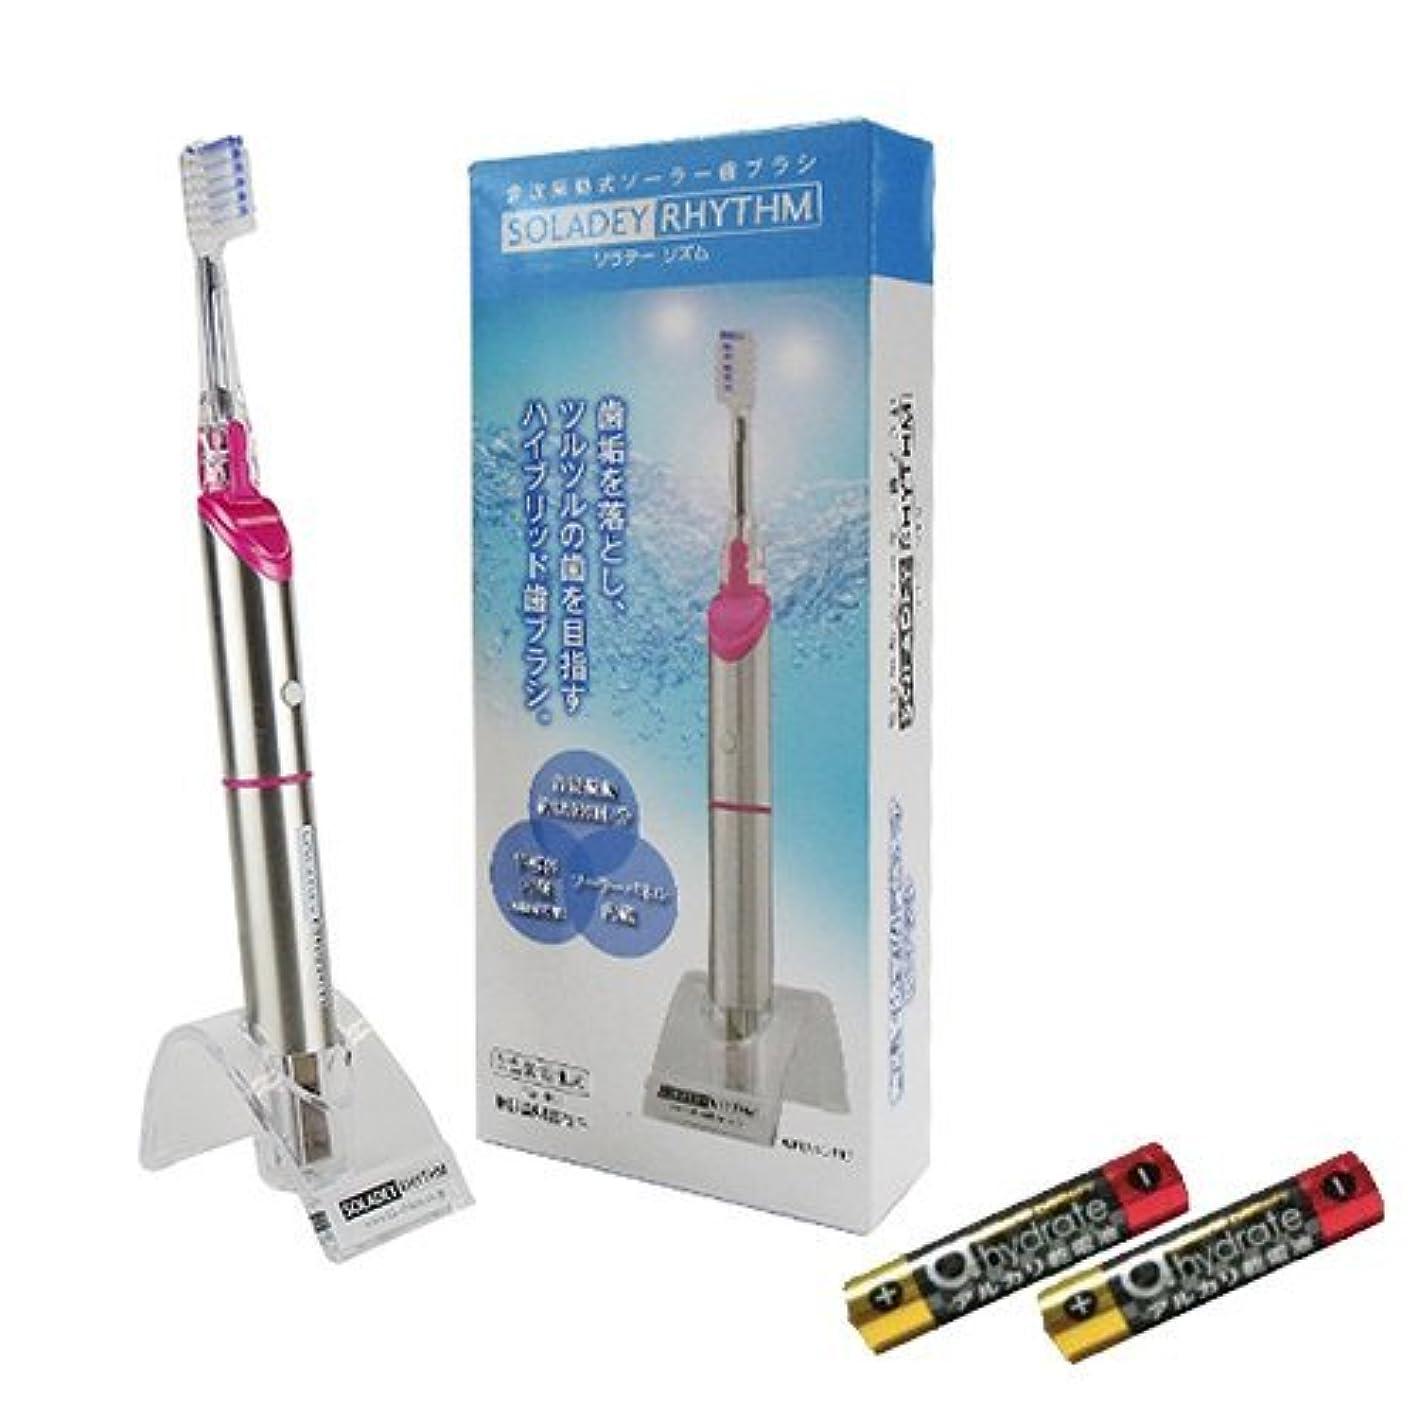 本土隣接周辺音波振動式ソーラー歯ブラシ ソラデー リズム (ジュエリーピンク) 単4アルカリ乾電池2本付き